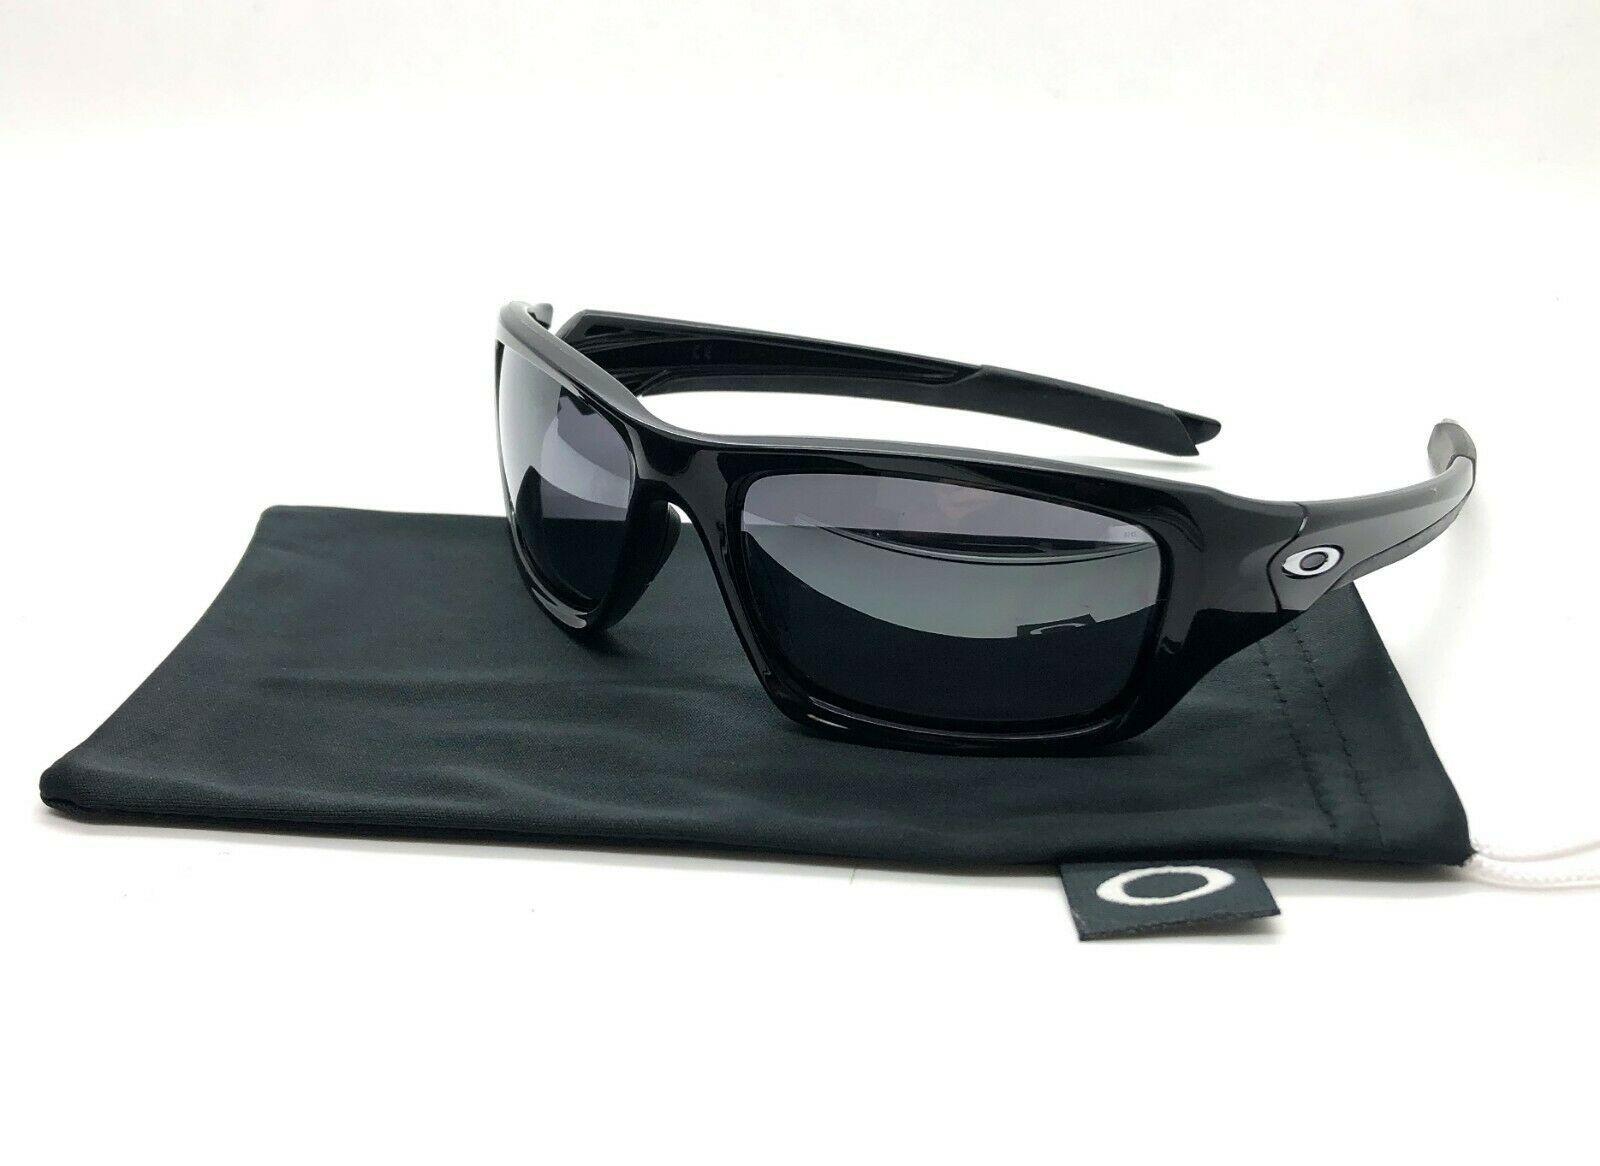 Oakley Ventil Sonnenbrille Oo9236-01 Poliert Schwarz Iridium Linse Neu Ovp